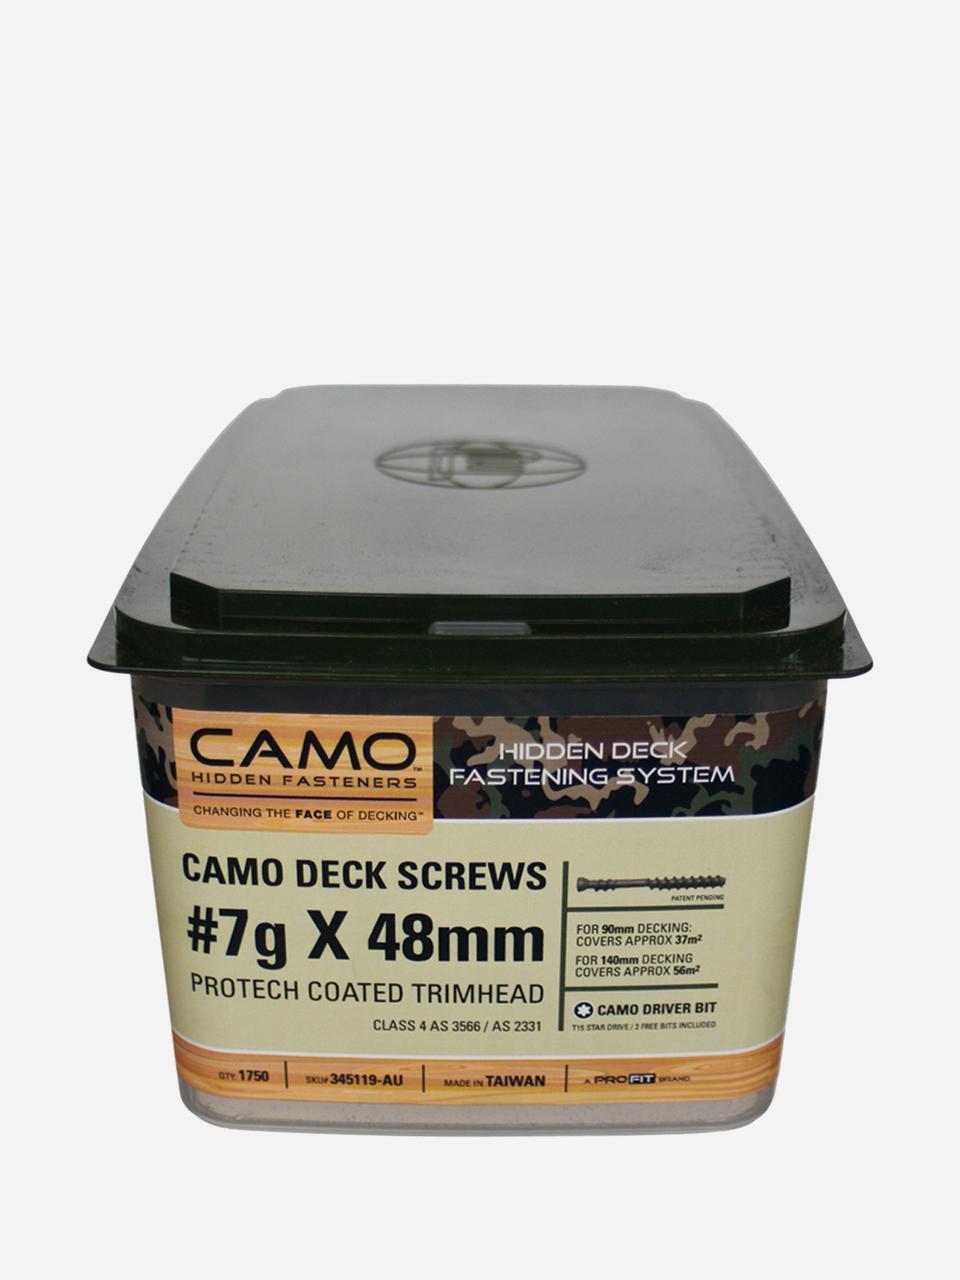 CAMO Marksman Pro Hidden Deck Screws 48mm long 316 grade Stainless Steel